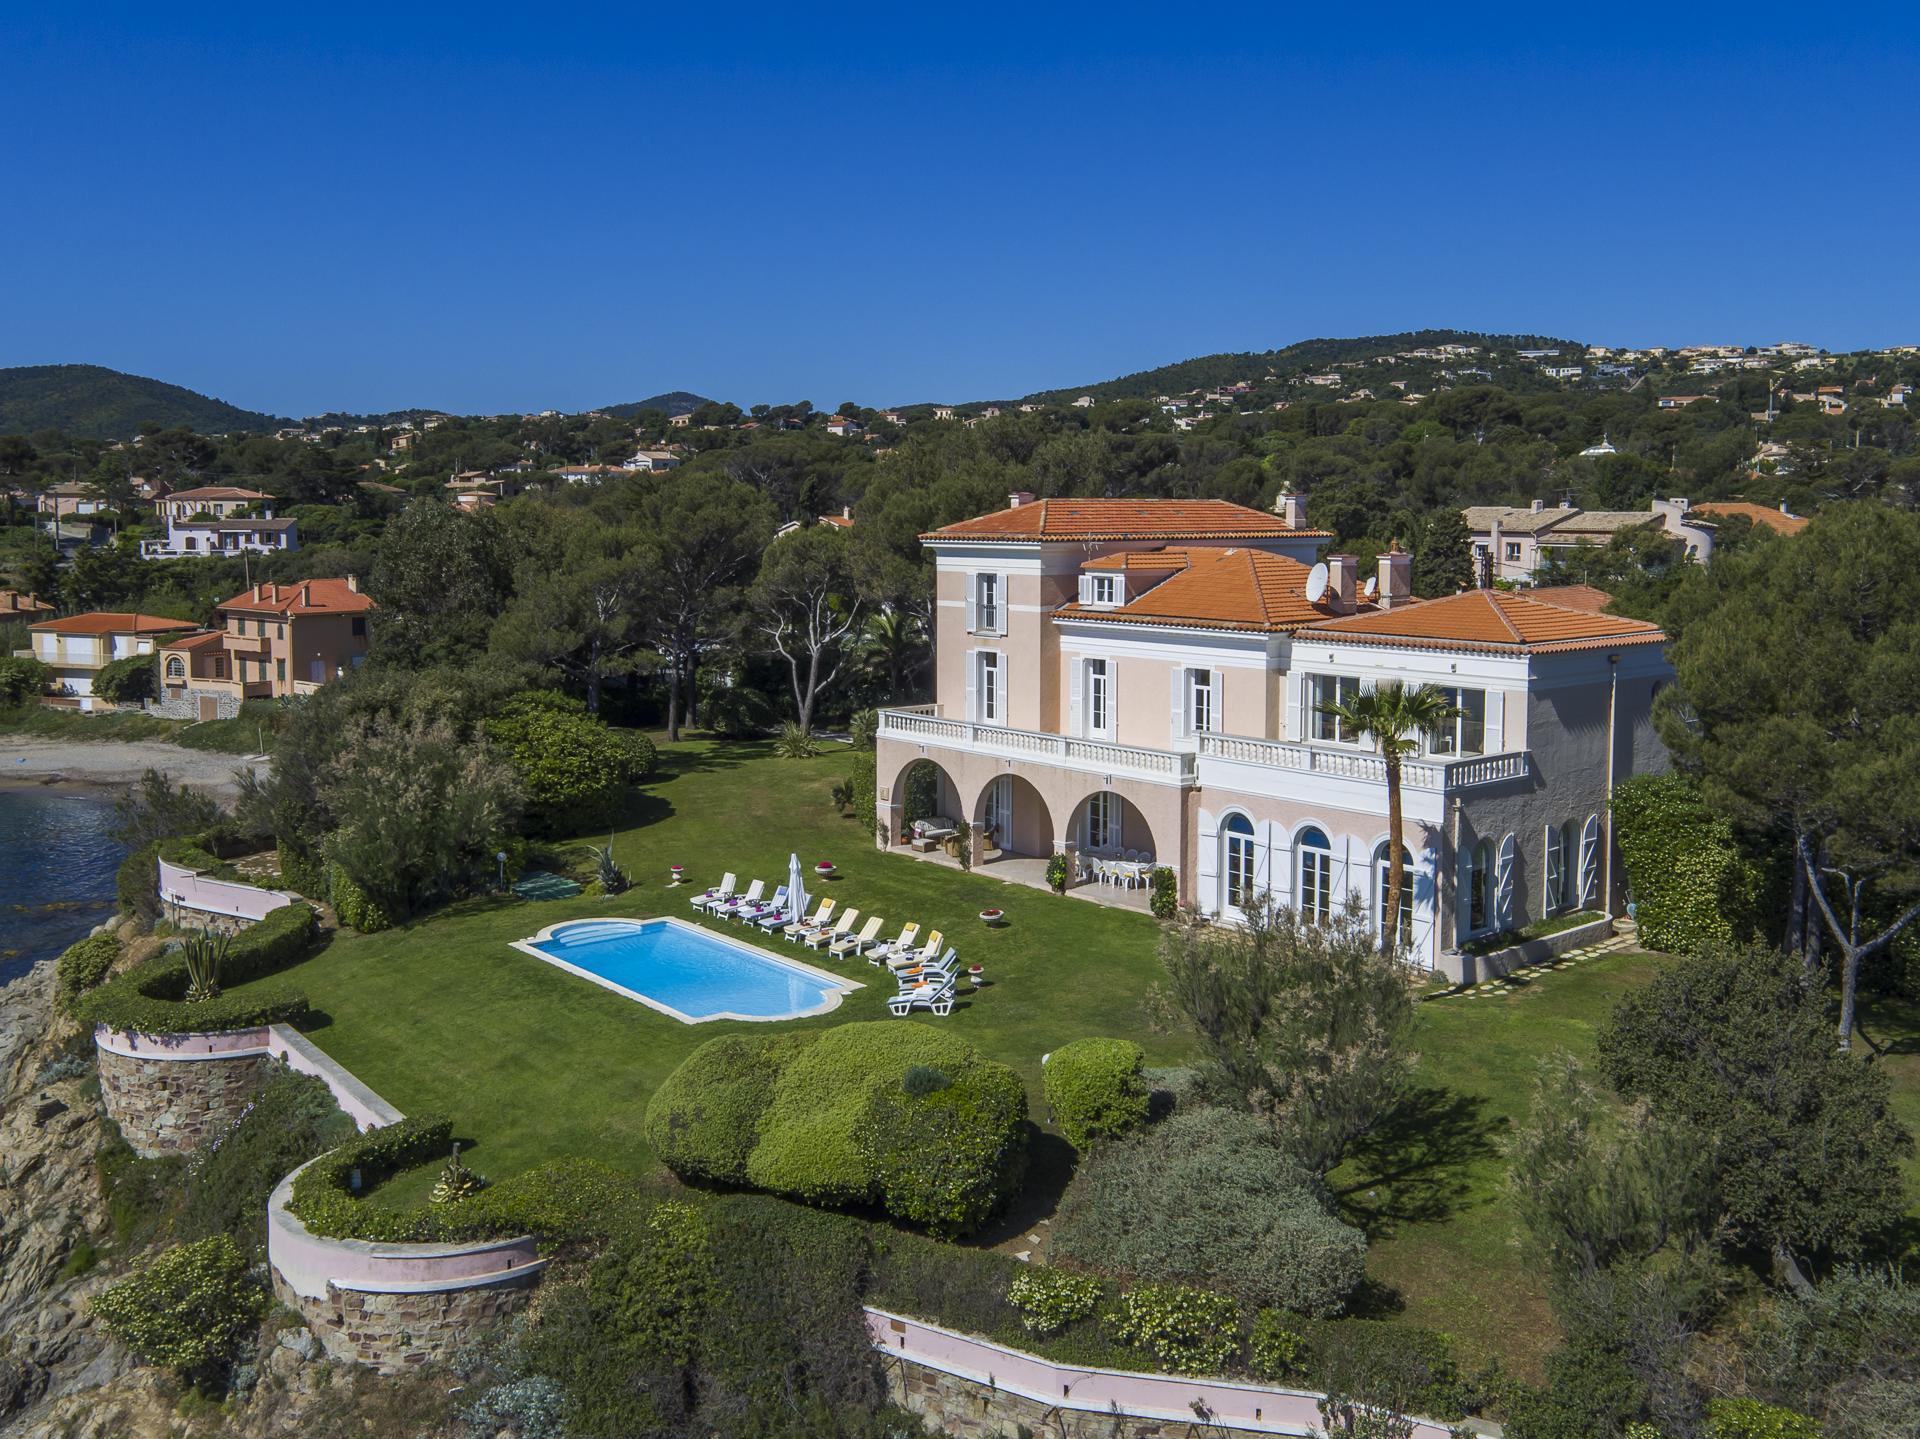 Reve de mer st aygulf st tropez quality villas for Villa de reve